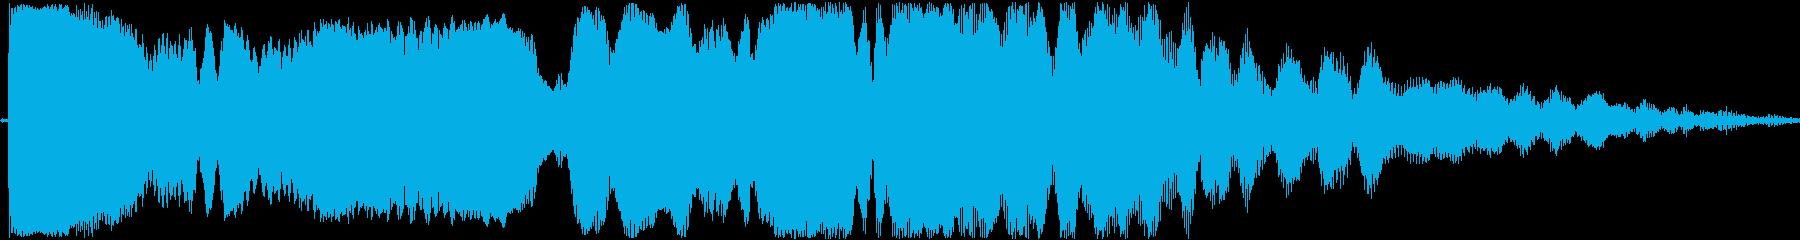 効果音。ピィーユ音(投げる音)の再生済みの波形